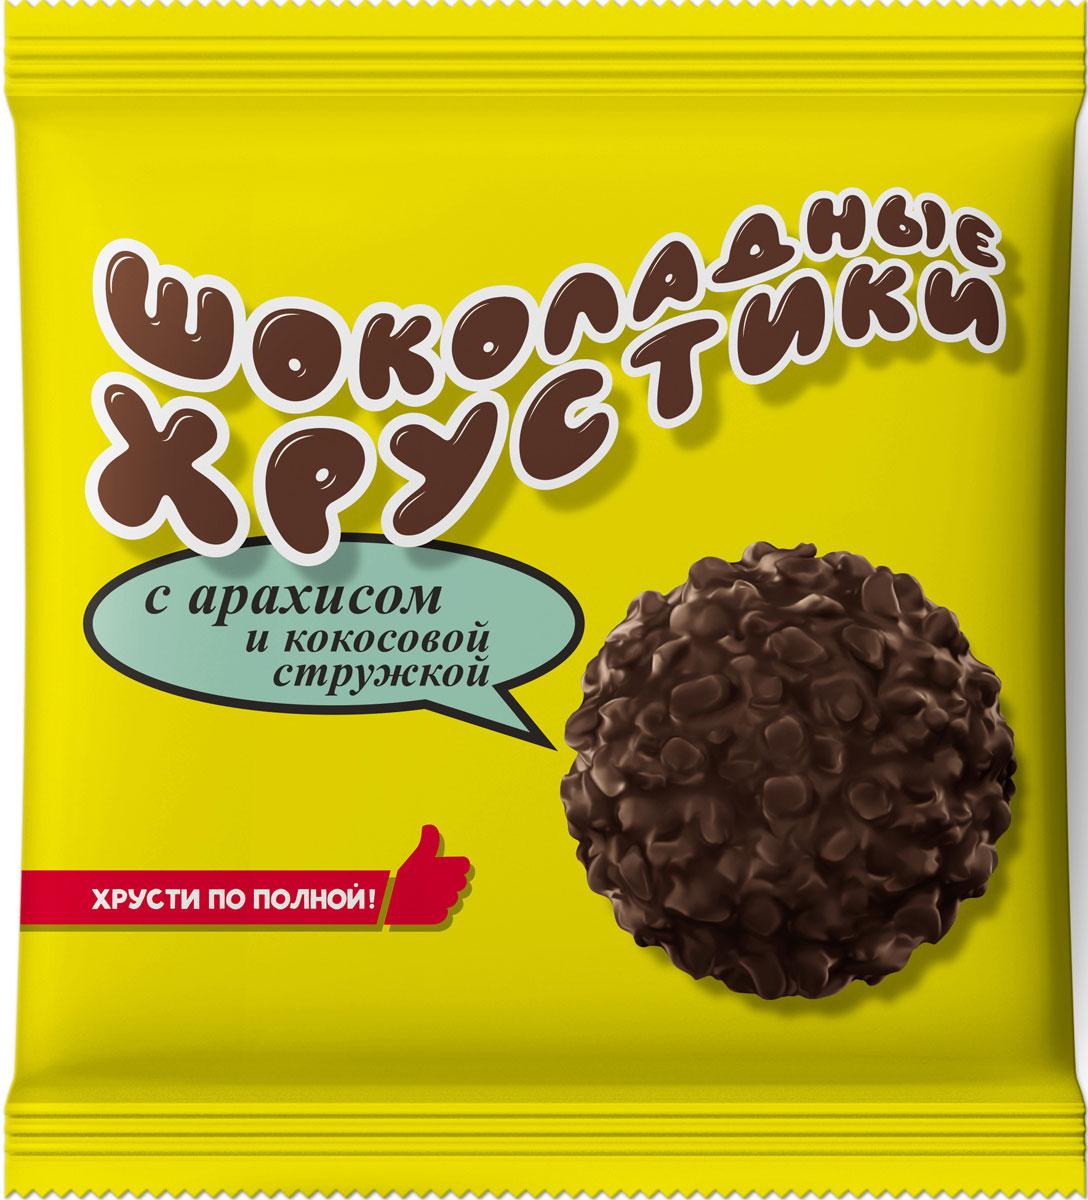 Шоколадные хрустики Конфеты с арахисом и кокосовой стружкой, 170 г шоколеди тайна искушения конфеты шоколадные 195 г